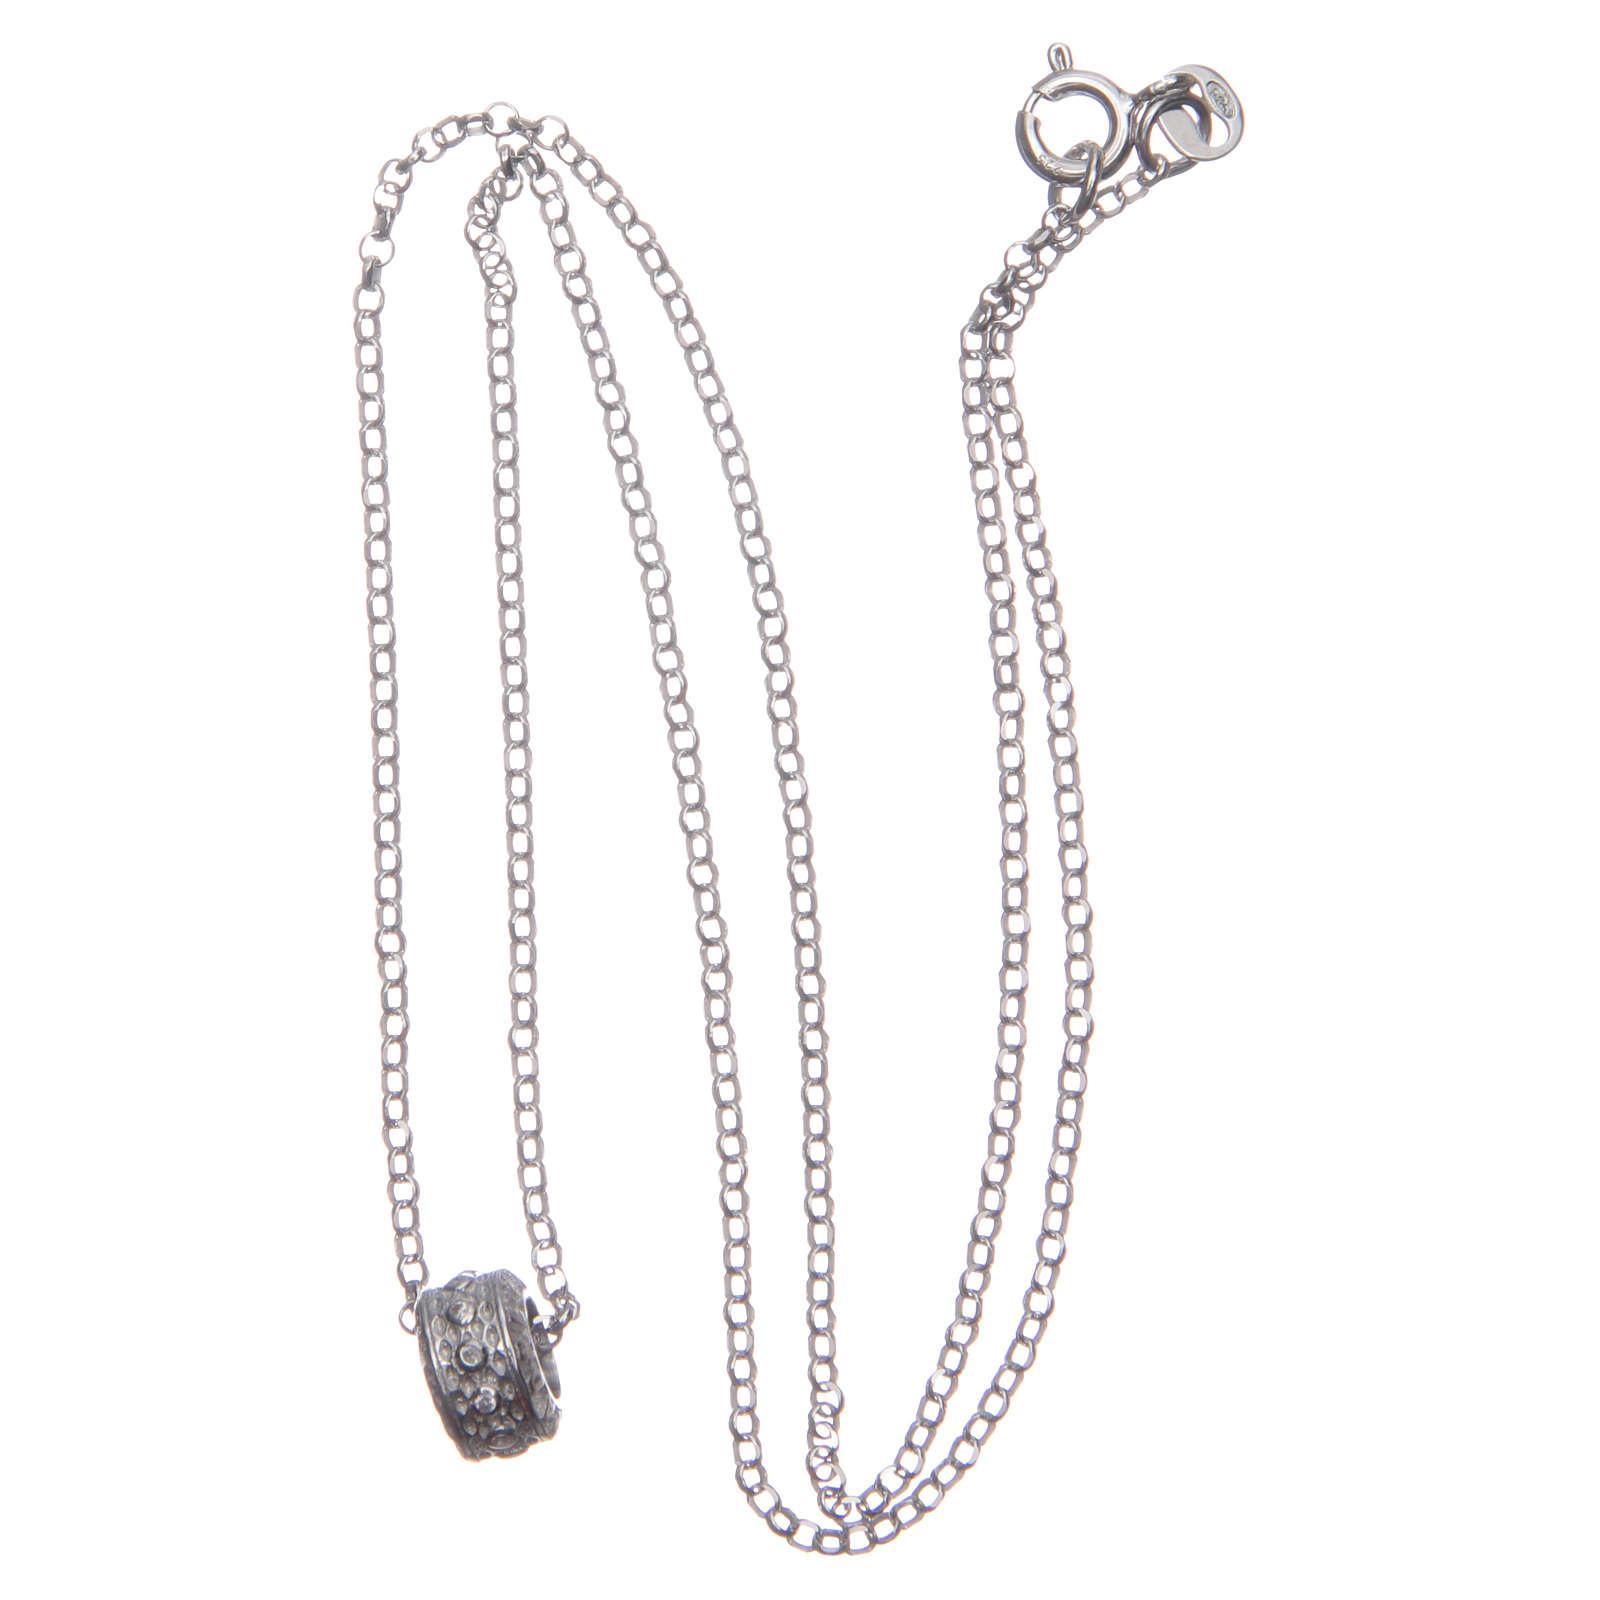 Ciondolo rosario bianco argento 925 4